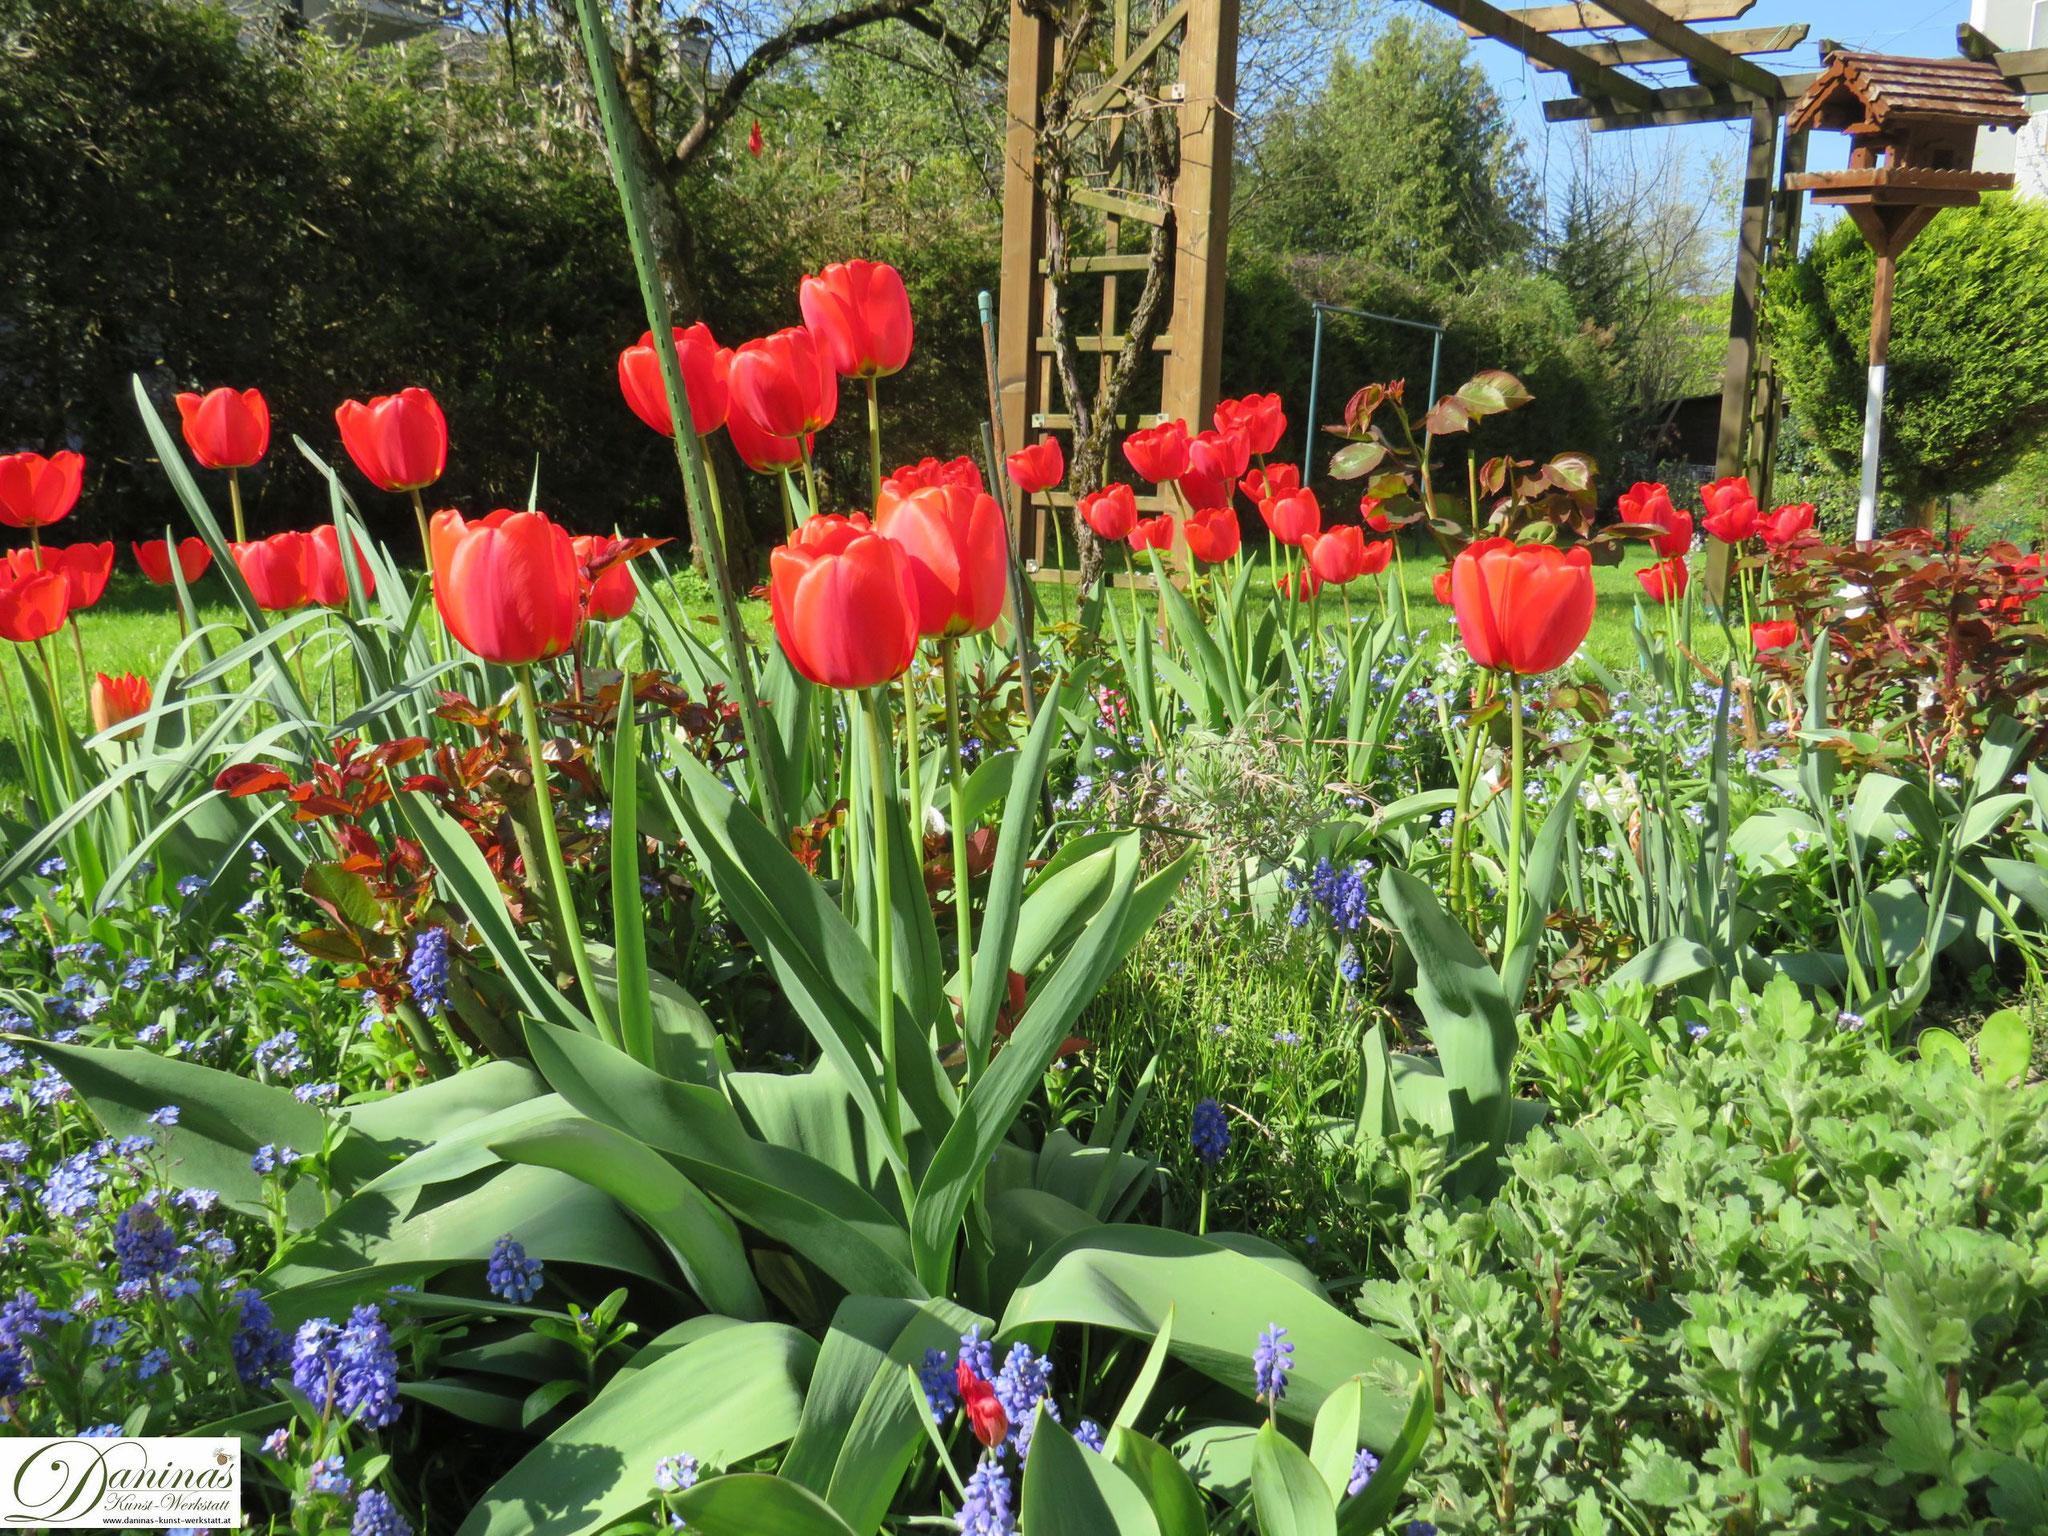 Garten im Frühling - Frühlingsblumen im Beet. Tulpen, Rose, Traubenhyazinthen & Vergissmeinnicht